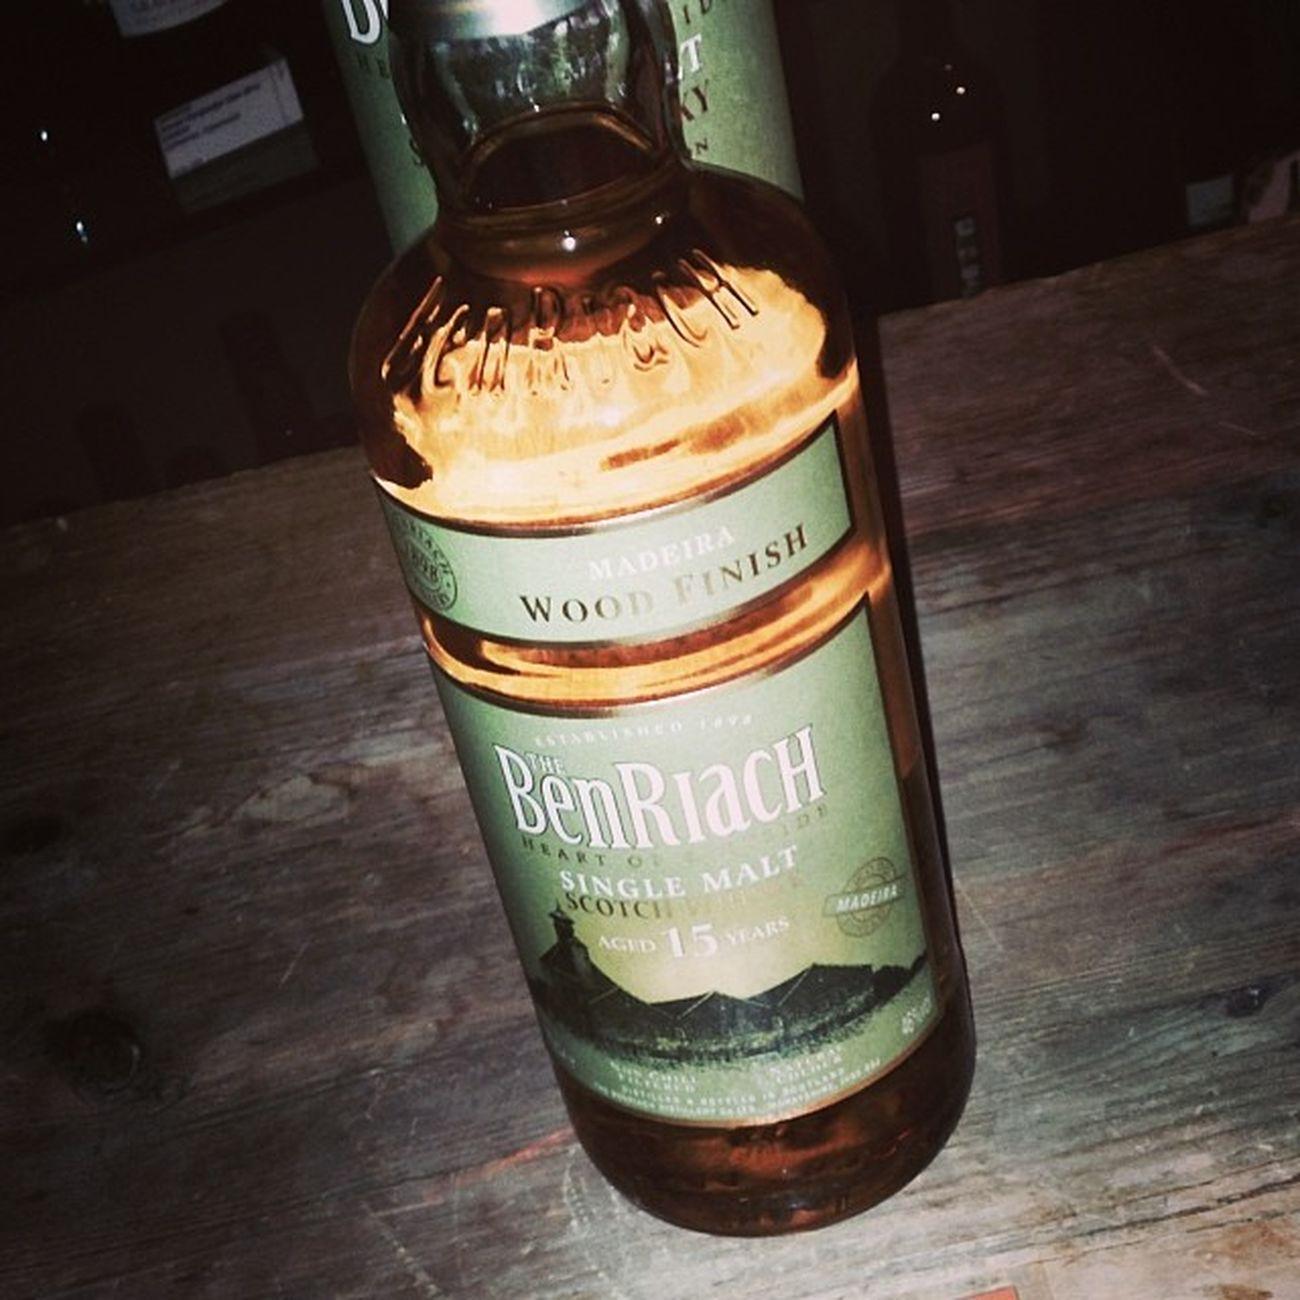 Nr. 4: Benriach 15 Jahre Madeira Wood Finish #whiskyfenster Tasteup Speyside Bottle Tasting Whiskyfenster Scotland Moehringen Whisky 15jahre Madeira Madeirawood Benriach Scotch Elgin Flasche Tuttlingen 15years Schottland Singlemalt